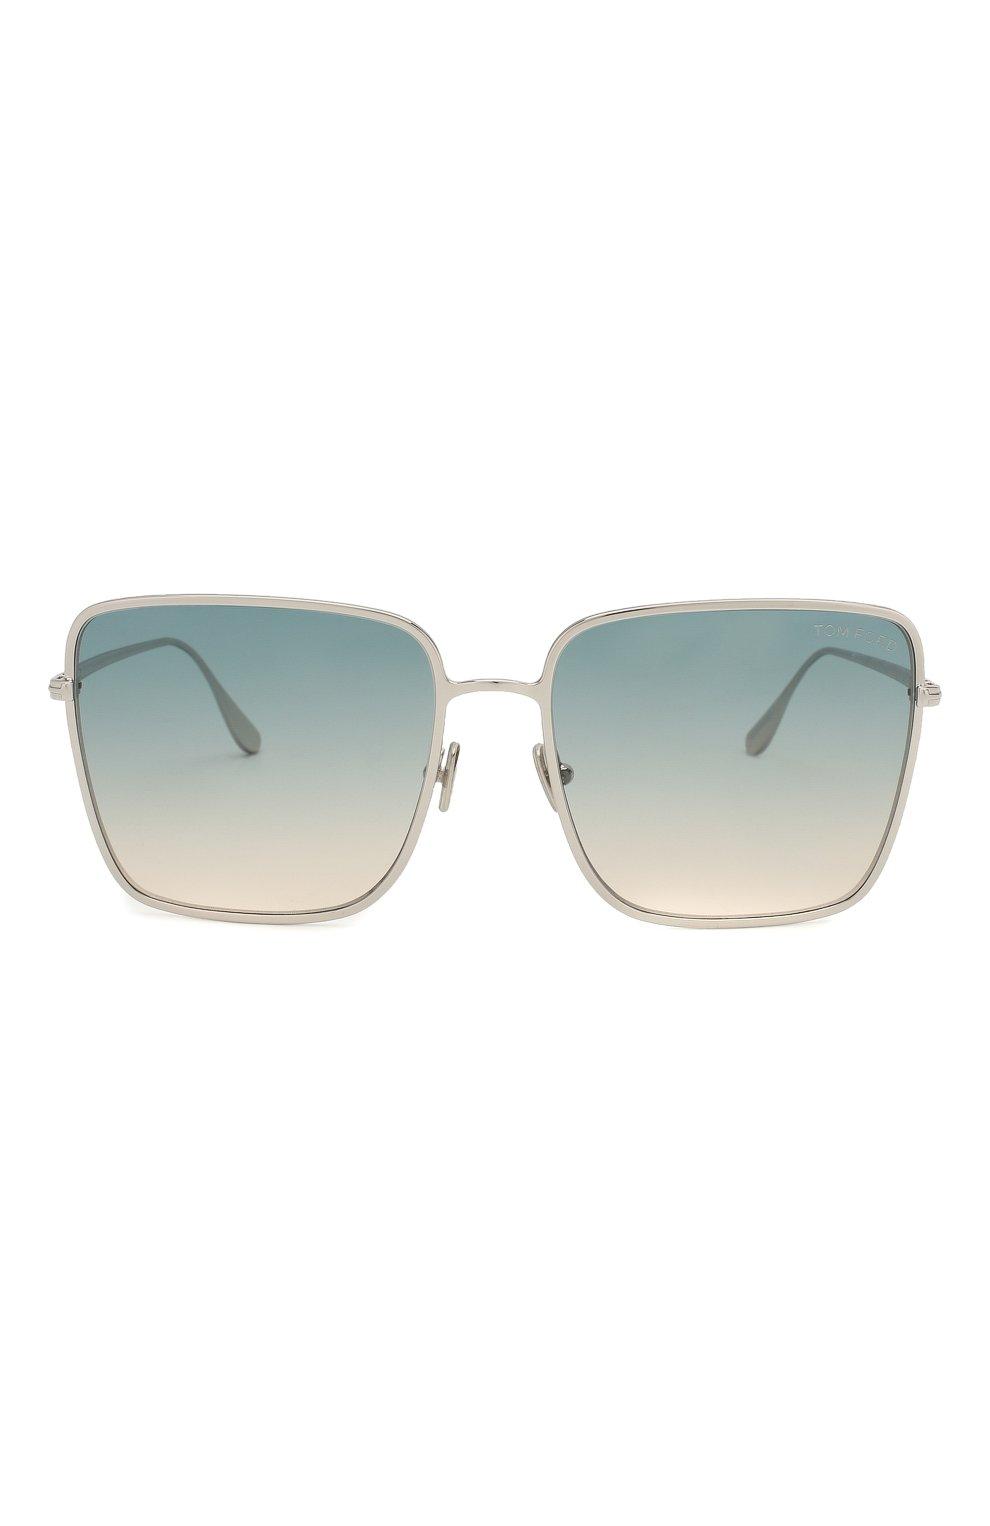 Женские солнцезащитные очки TOM FORD голубого цвета, арт. TF739 16P | Фото 3